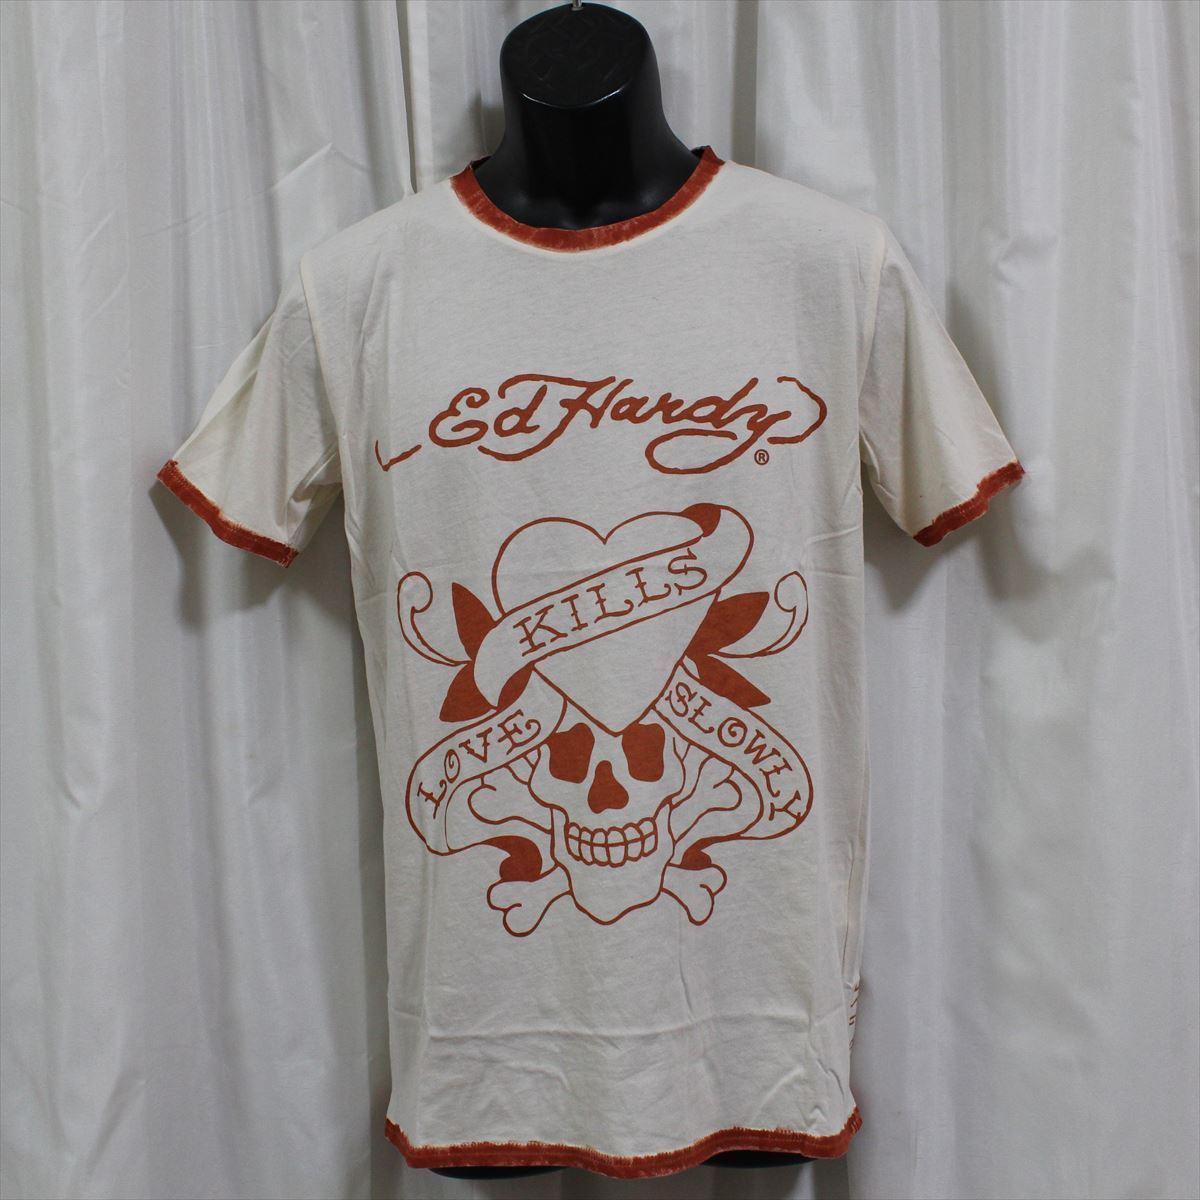 エドハーディー ED HARDY メンズ半袖Tシャツ Mサイズ M02SPR052 LOVE KILLS SLOWLY 新品 オレンジ_画像1